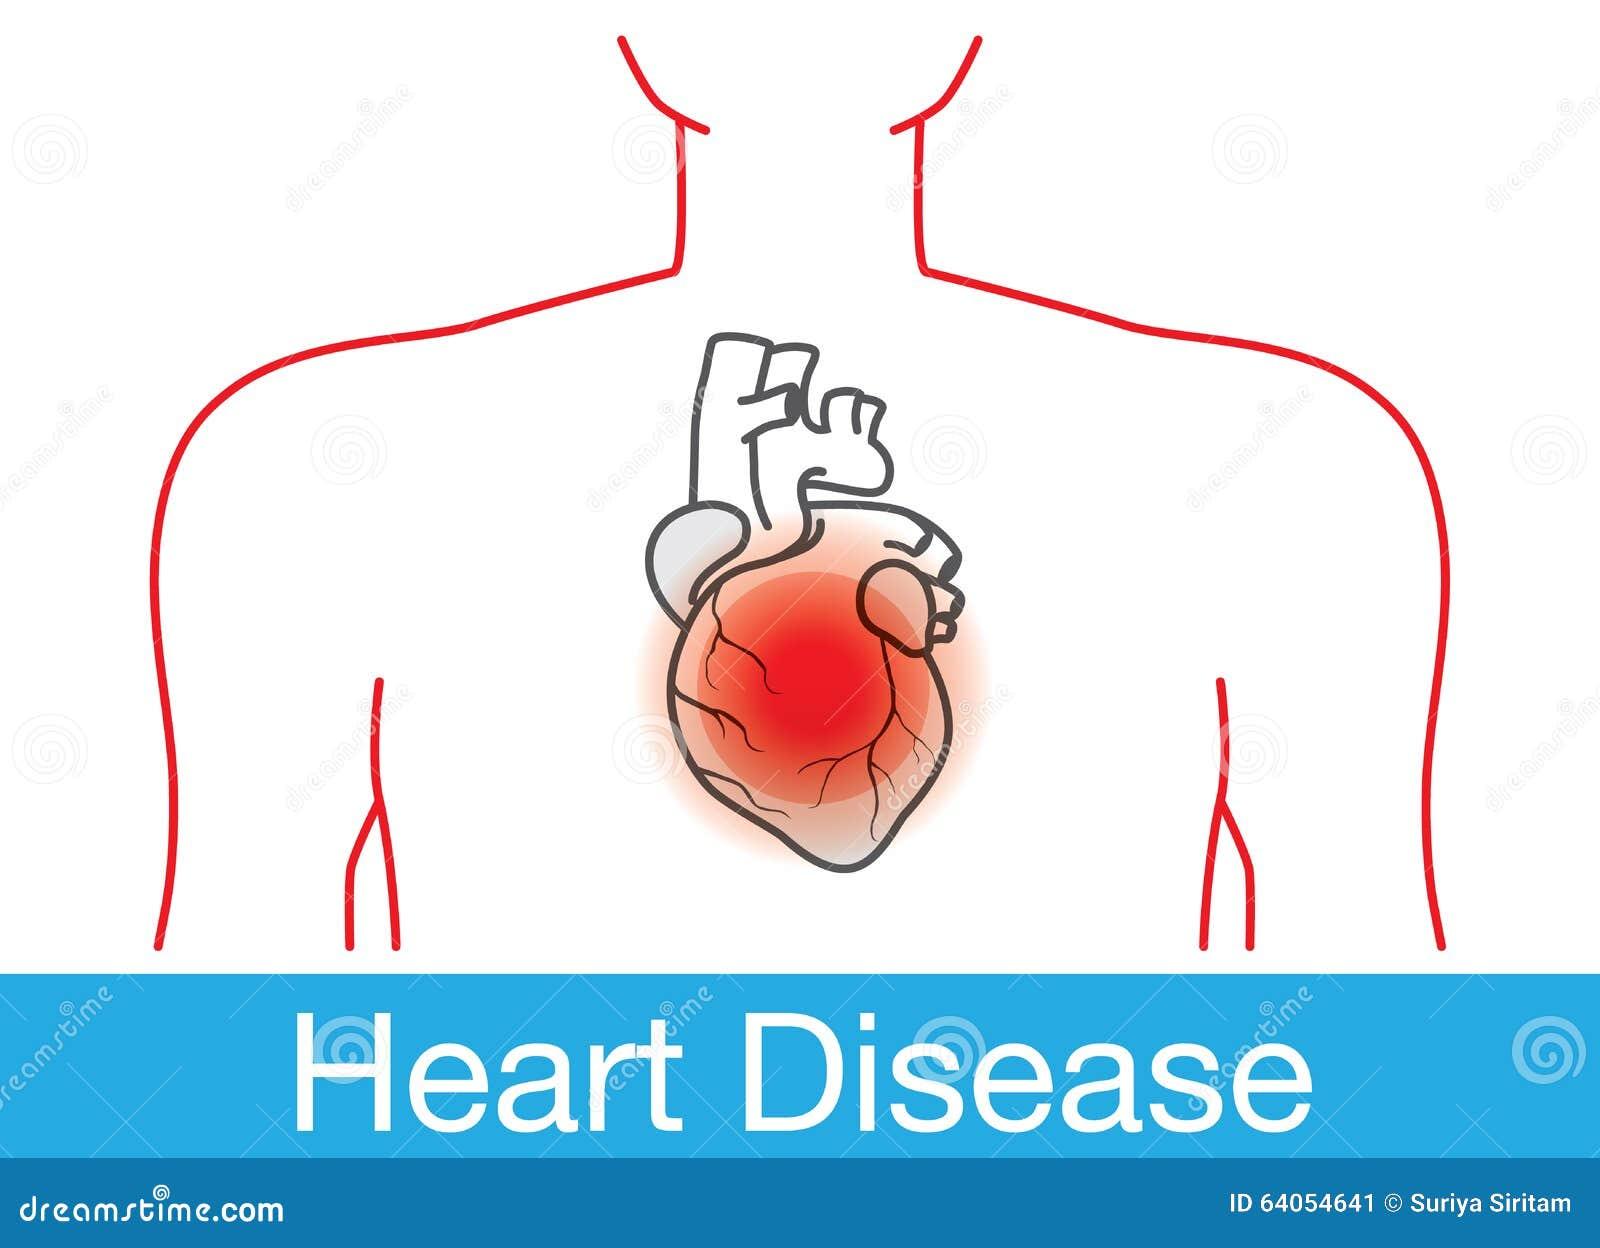 Heart attack happens stock vector illustration of diagram 64054641 heart attack happens ccuart Choice Image